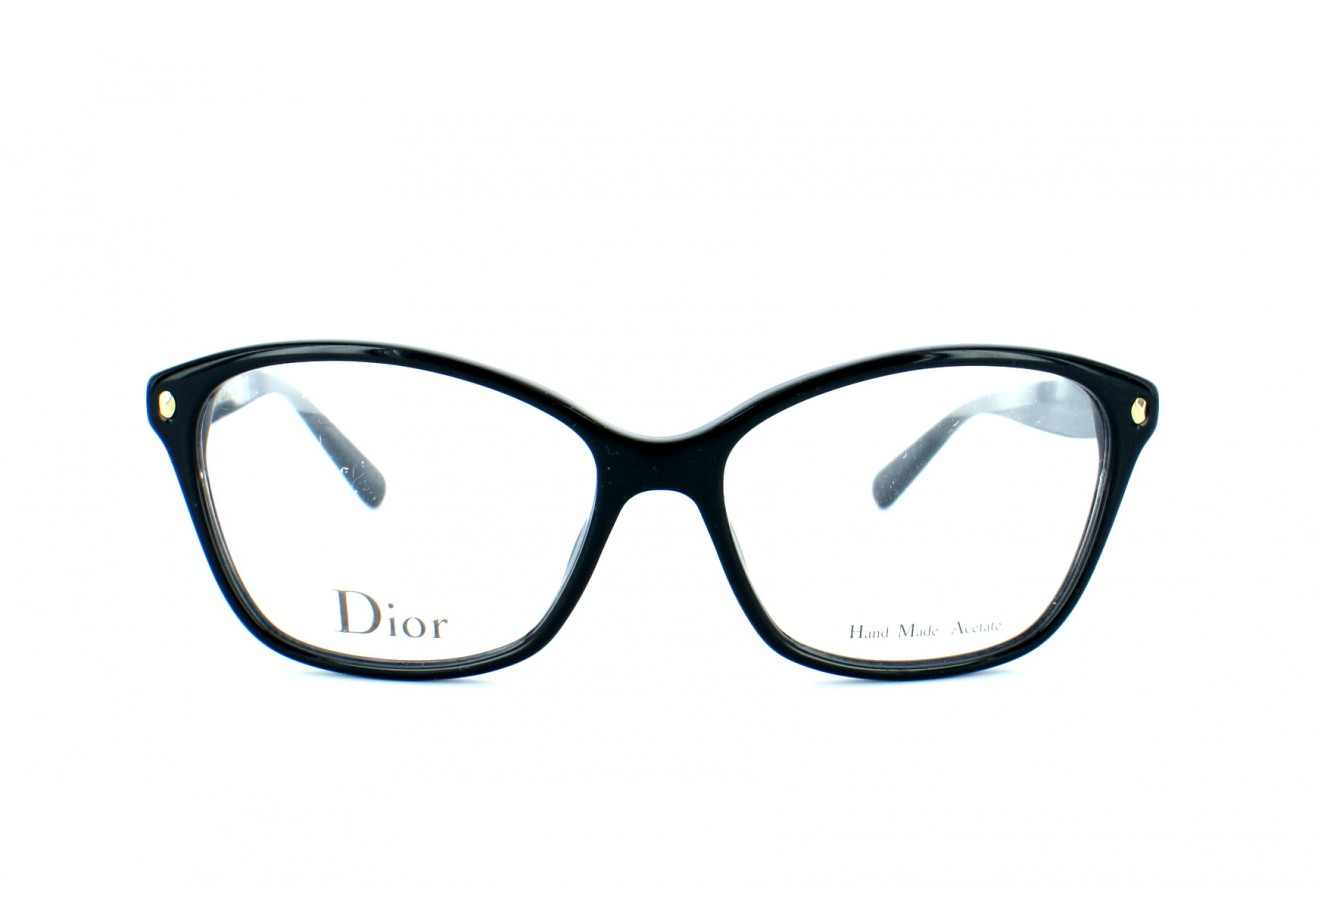 Savoir exactement à combien vont vous revenir vos lunettes